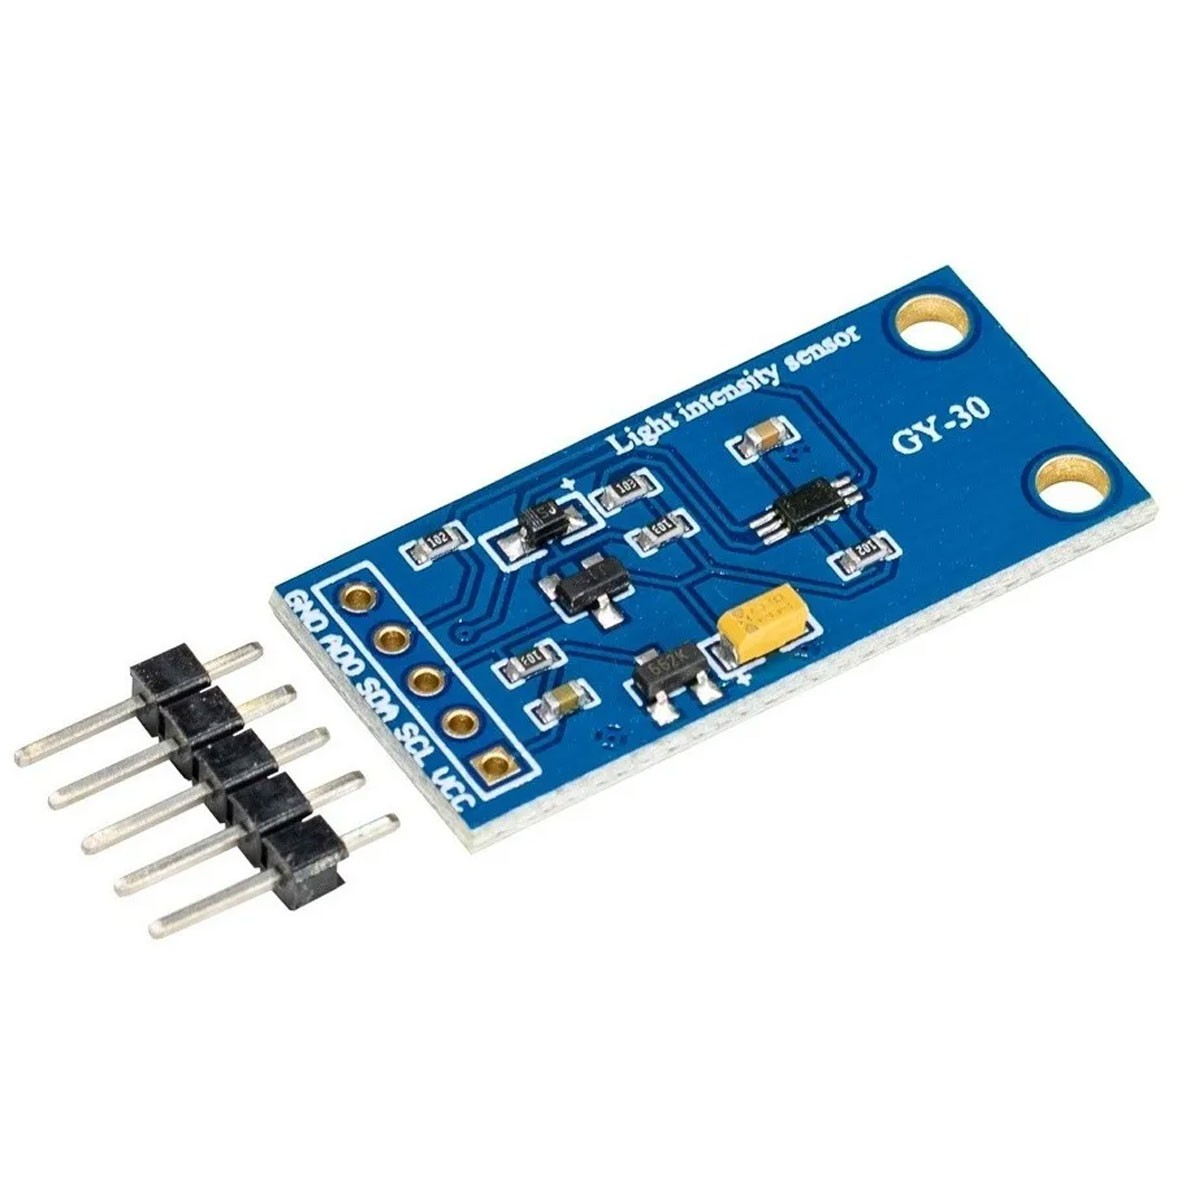 Módulo GY-30 Sensor de Luminosidade Luz - BH1750FVI